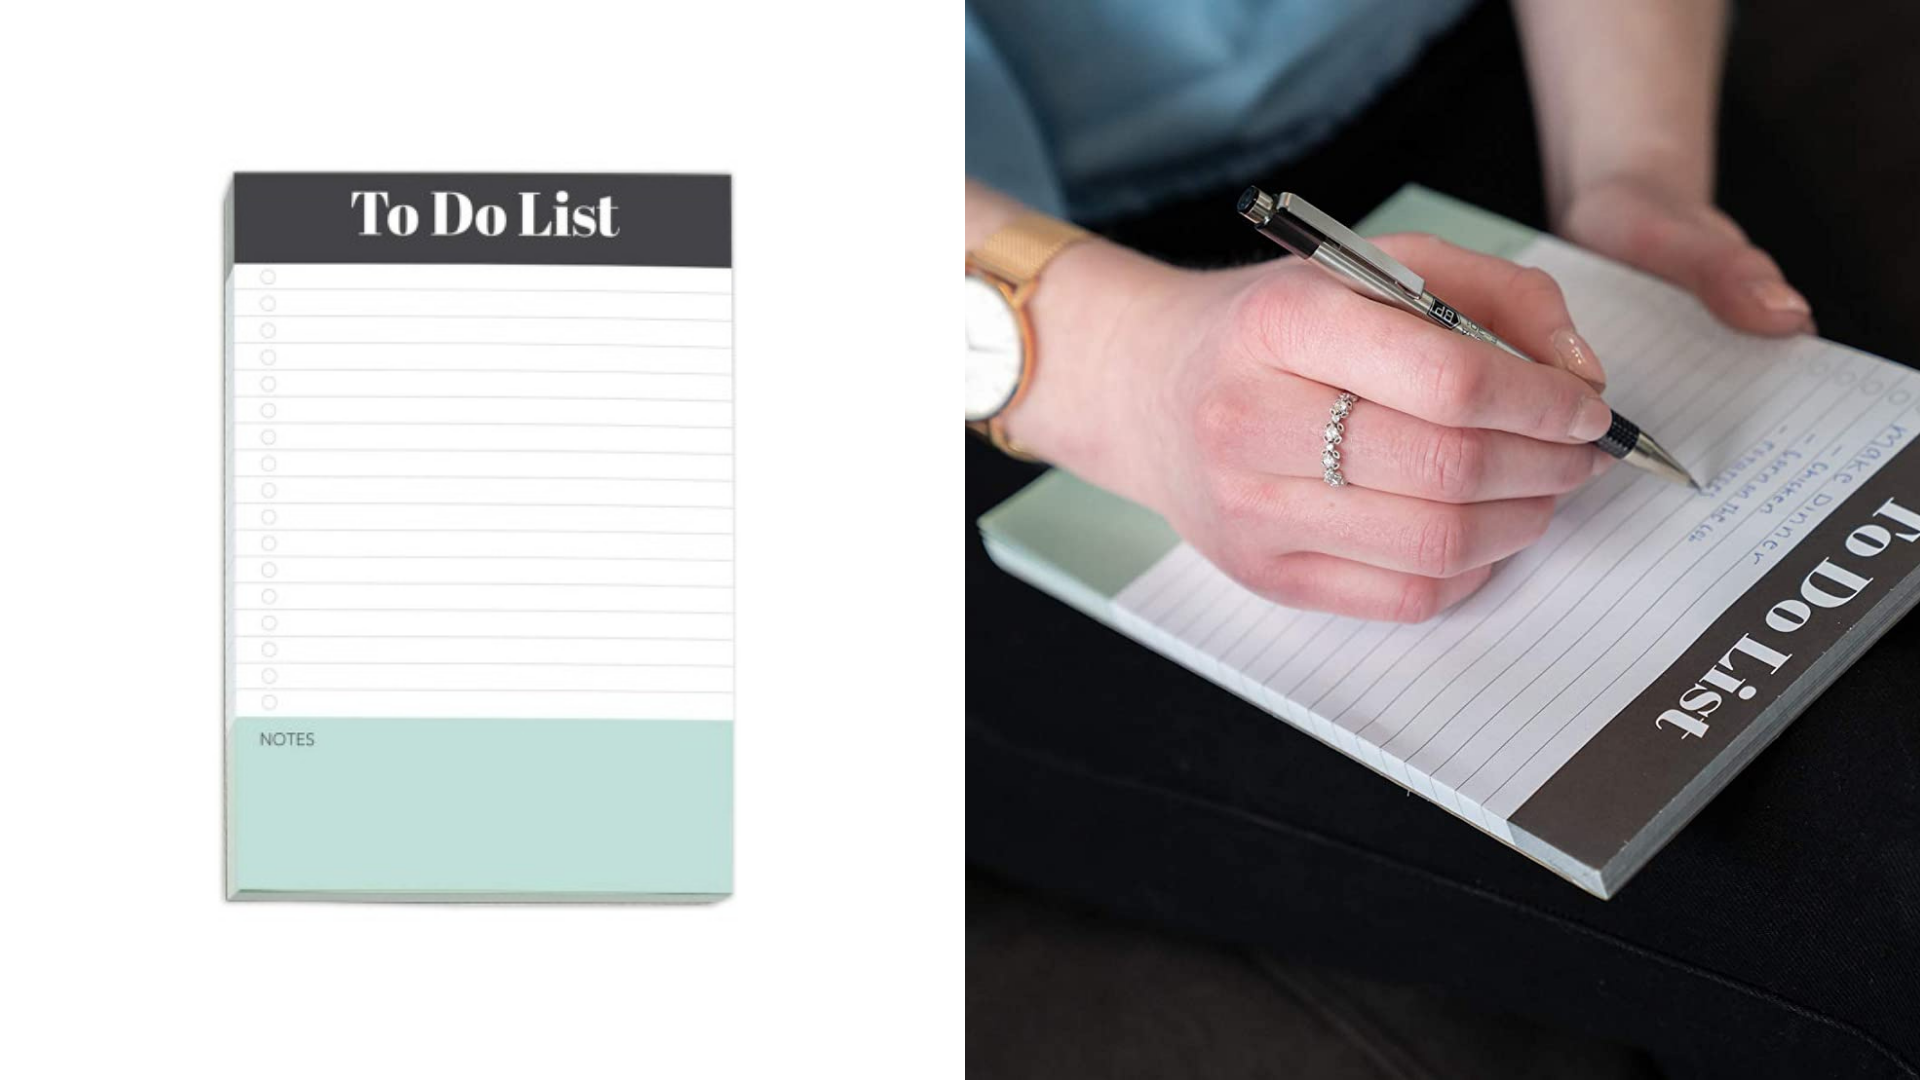 Une personne écrit des notes sur un bloc-notes de liste de tâches.